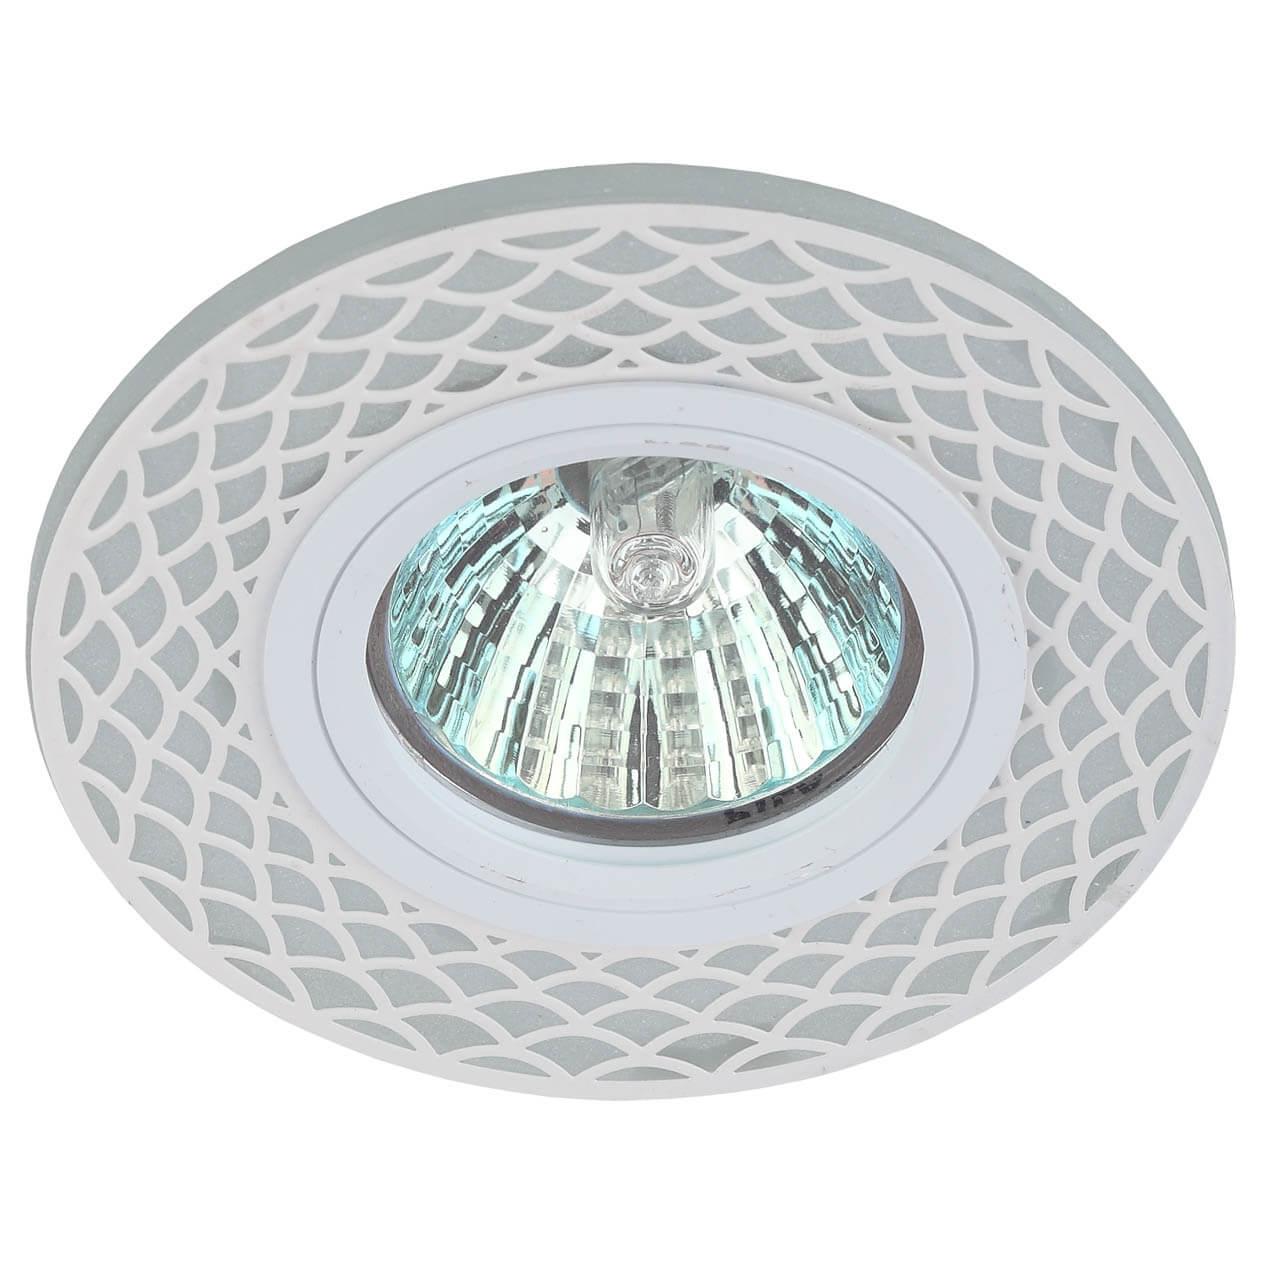 Точечный светильник ЭРА DK LD40 WH/WH elvan точечный светильник elvan sd 8016 g wh